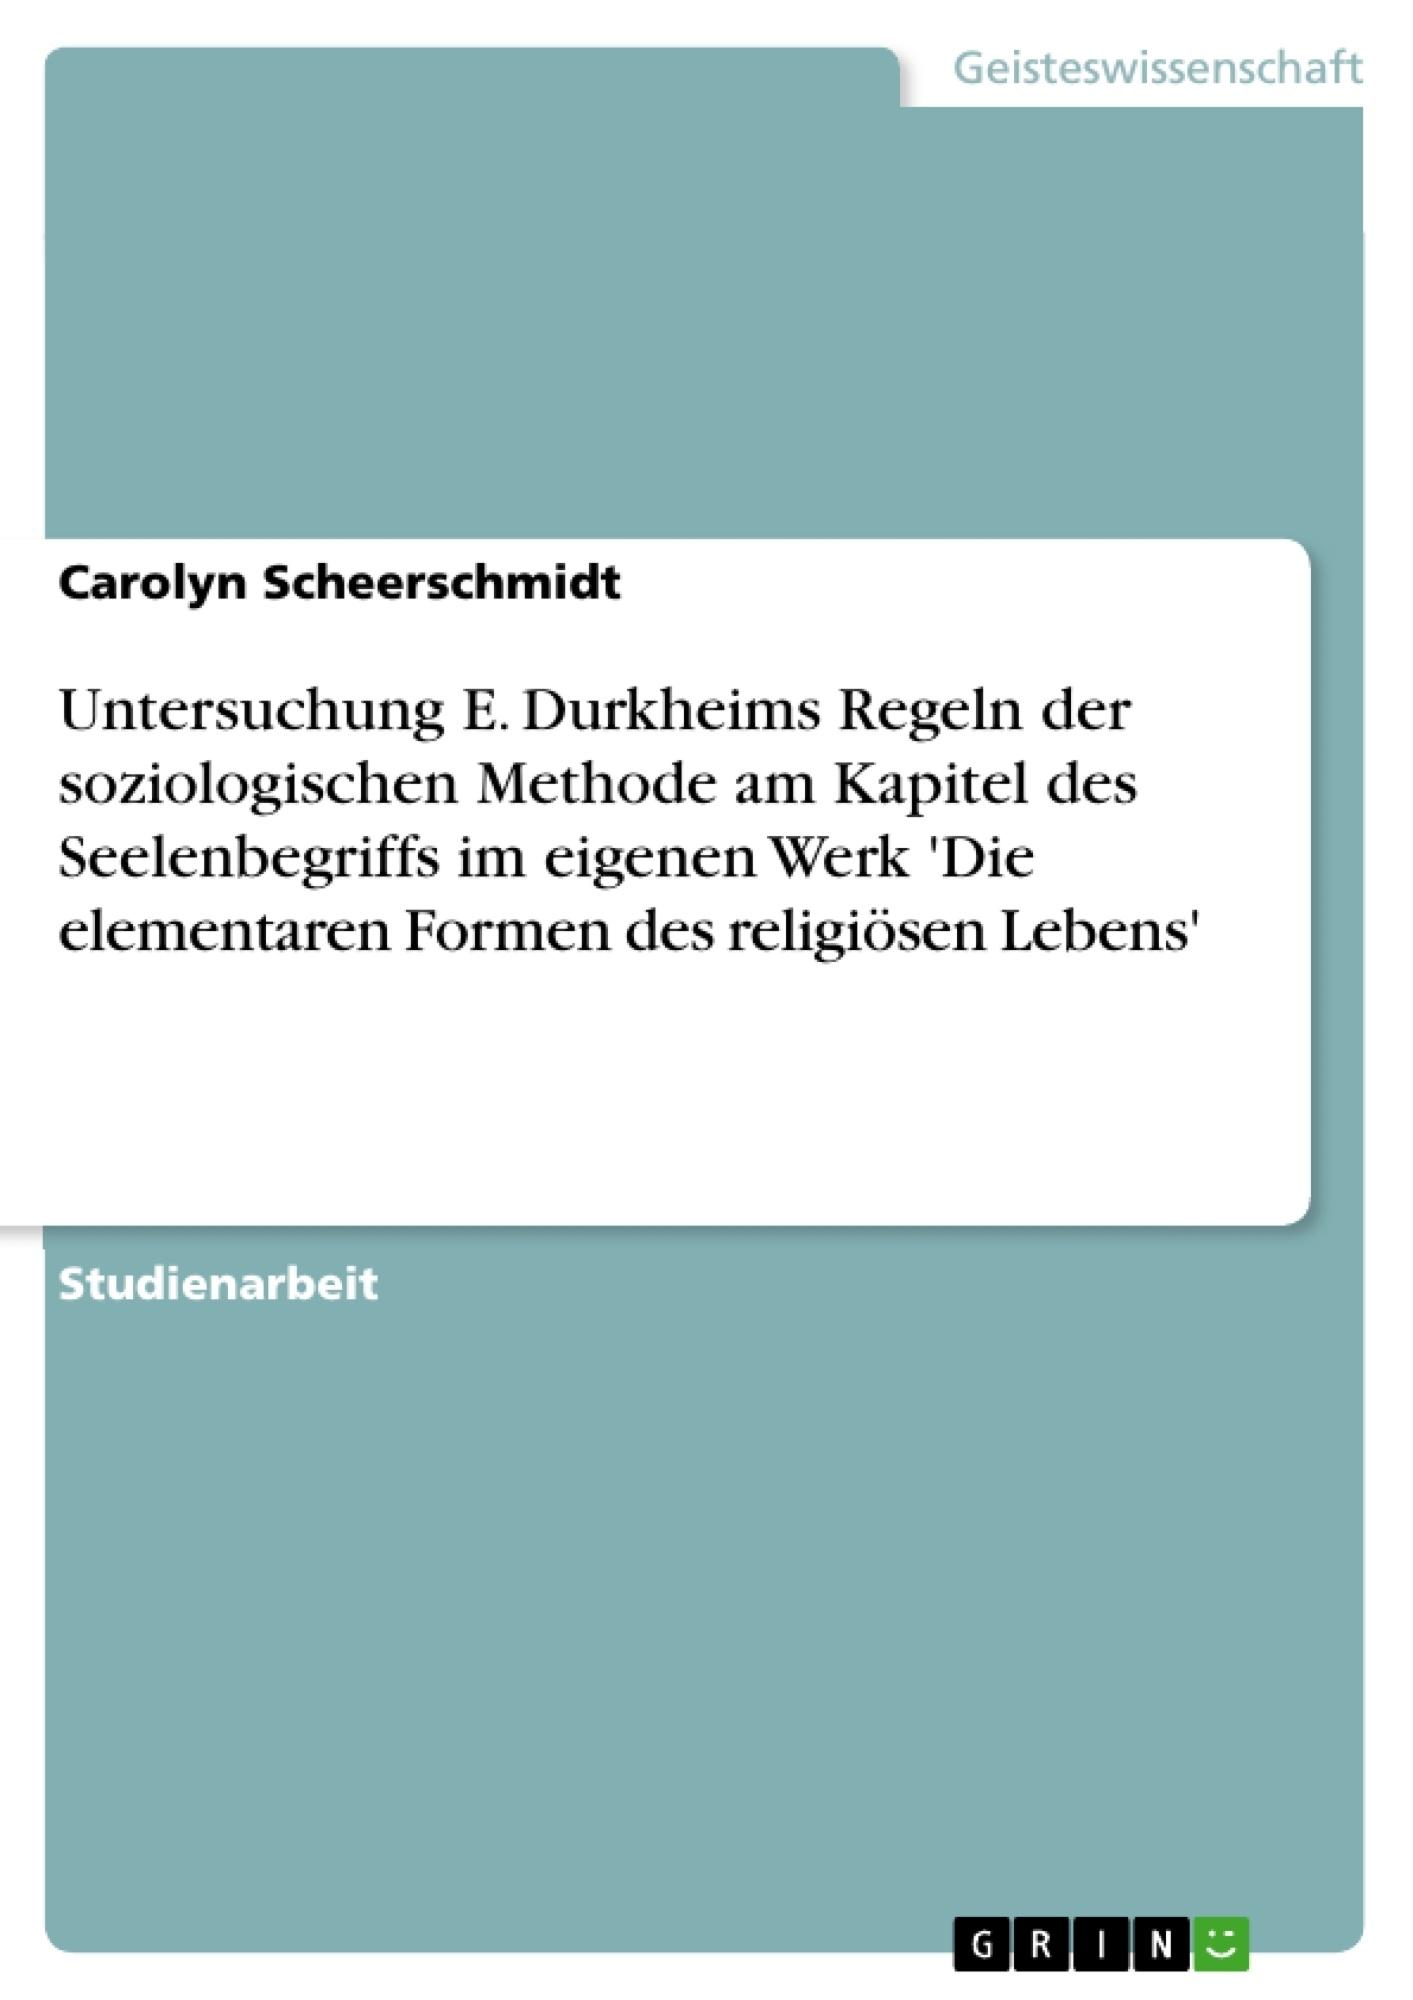 Titel: Untersuchung E. Durkheims Regeln der soziologischen Methode am Kapitel des Seelenbegriffs im eigenen Werk 'Die elementaren Formen des religiösen Lebens'